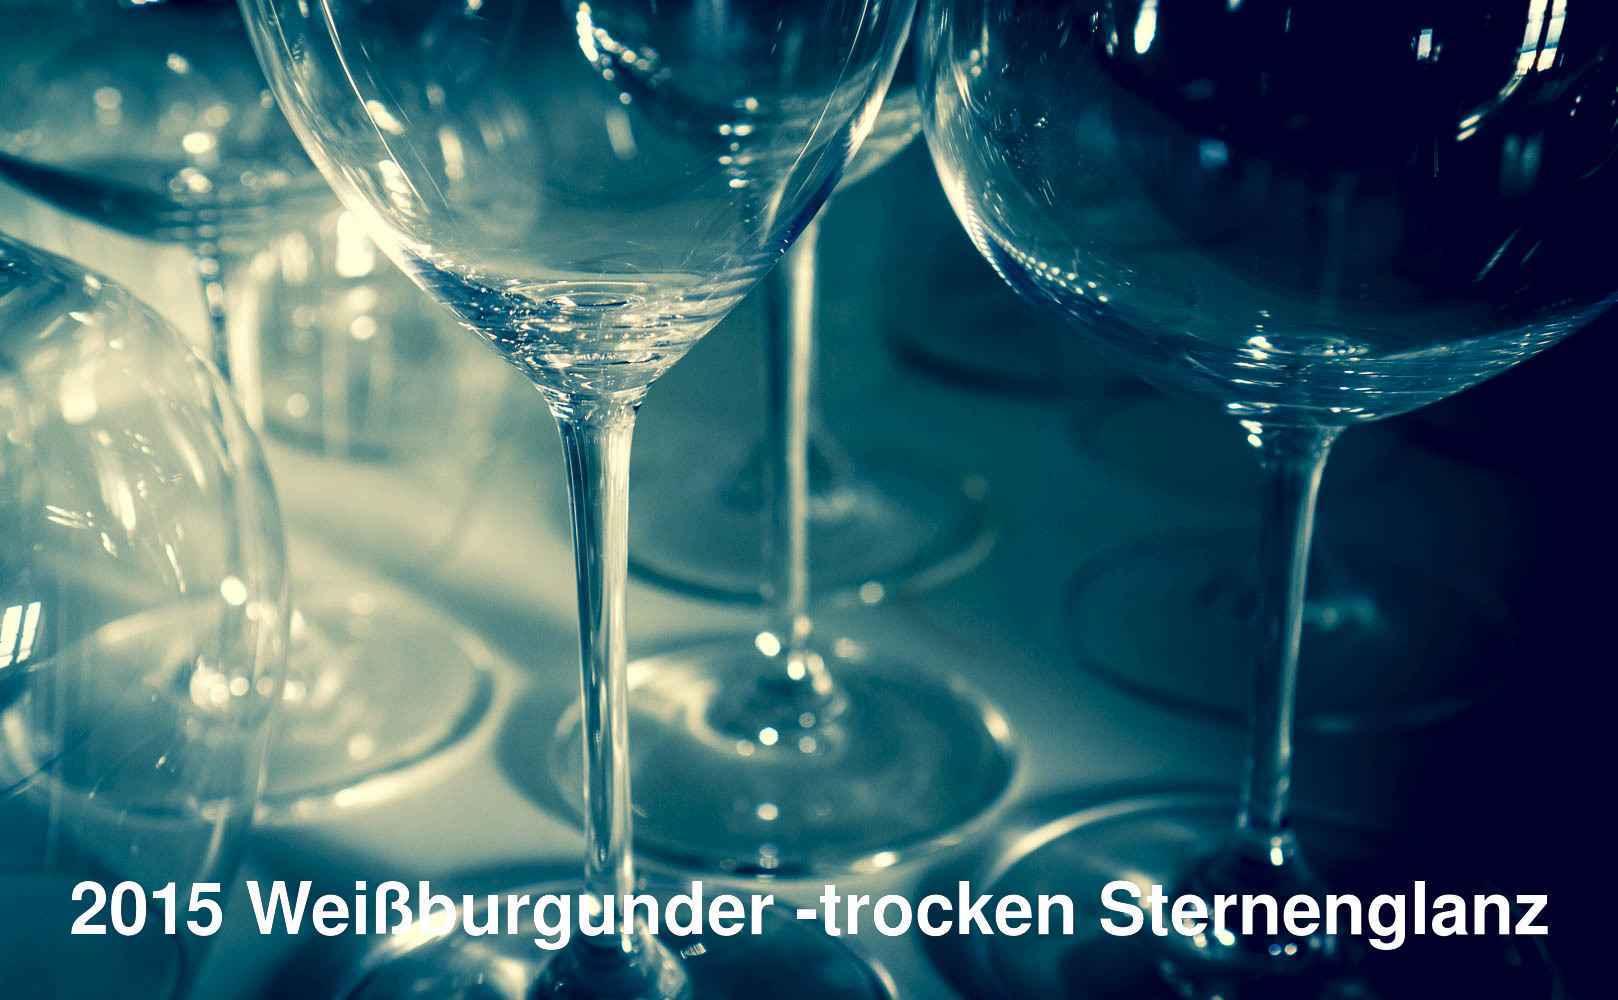 Go to 2015 Weißburgunder trocken Sternenglanz von Alexander Gysler aus Rheinhessen, Deutschland